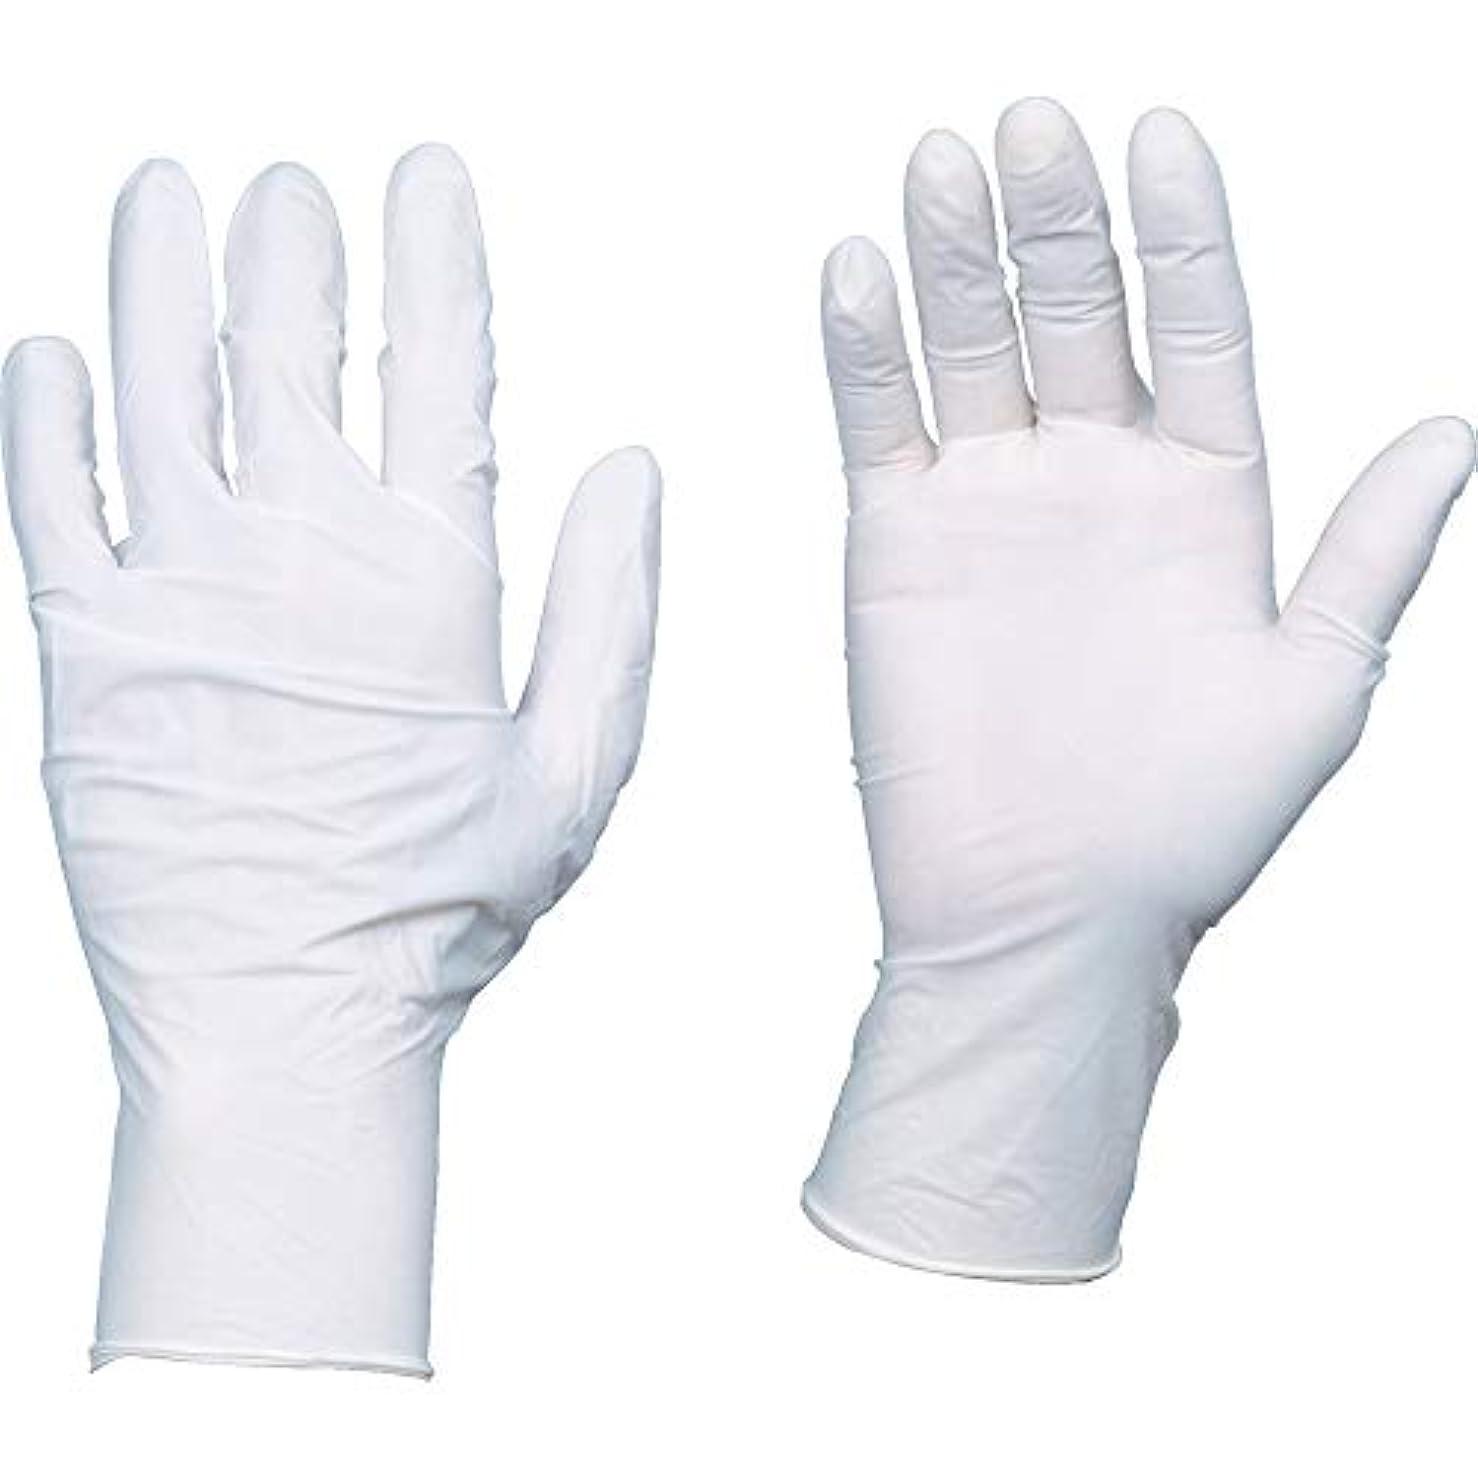 旋回対マントルTRUSCO(トラスコ) 10箱入り 使い捨て天然ゴム手袋TGワーク 0.10 粉付白M TGPL10WM10C